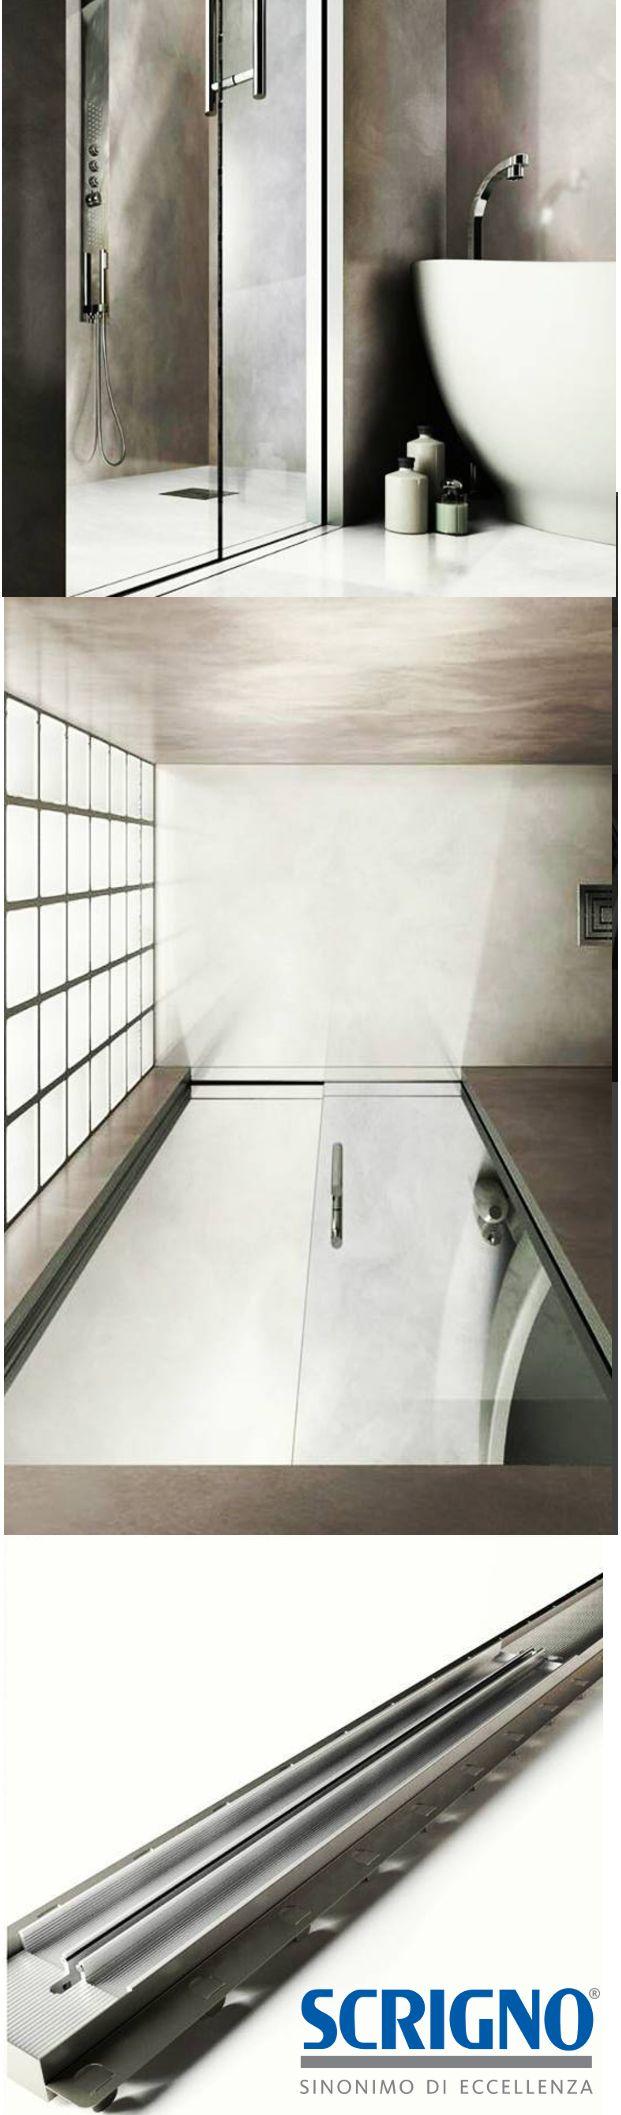 Essential doccia, una soluzione unica e innovativa per il mondo del bagno. #bagno #doccia #essentialdoccia #interiordesign #ristrutturazione #douche #essentialdouche #scrigno #rénovations #design #home #architecture  Scopri i dettagli https://goo.gl/8P7q9q